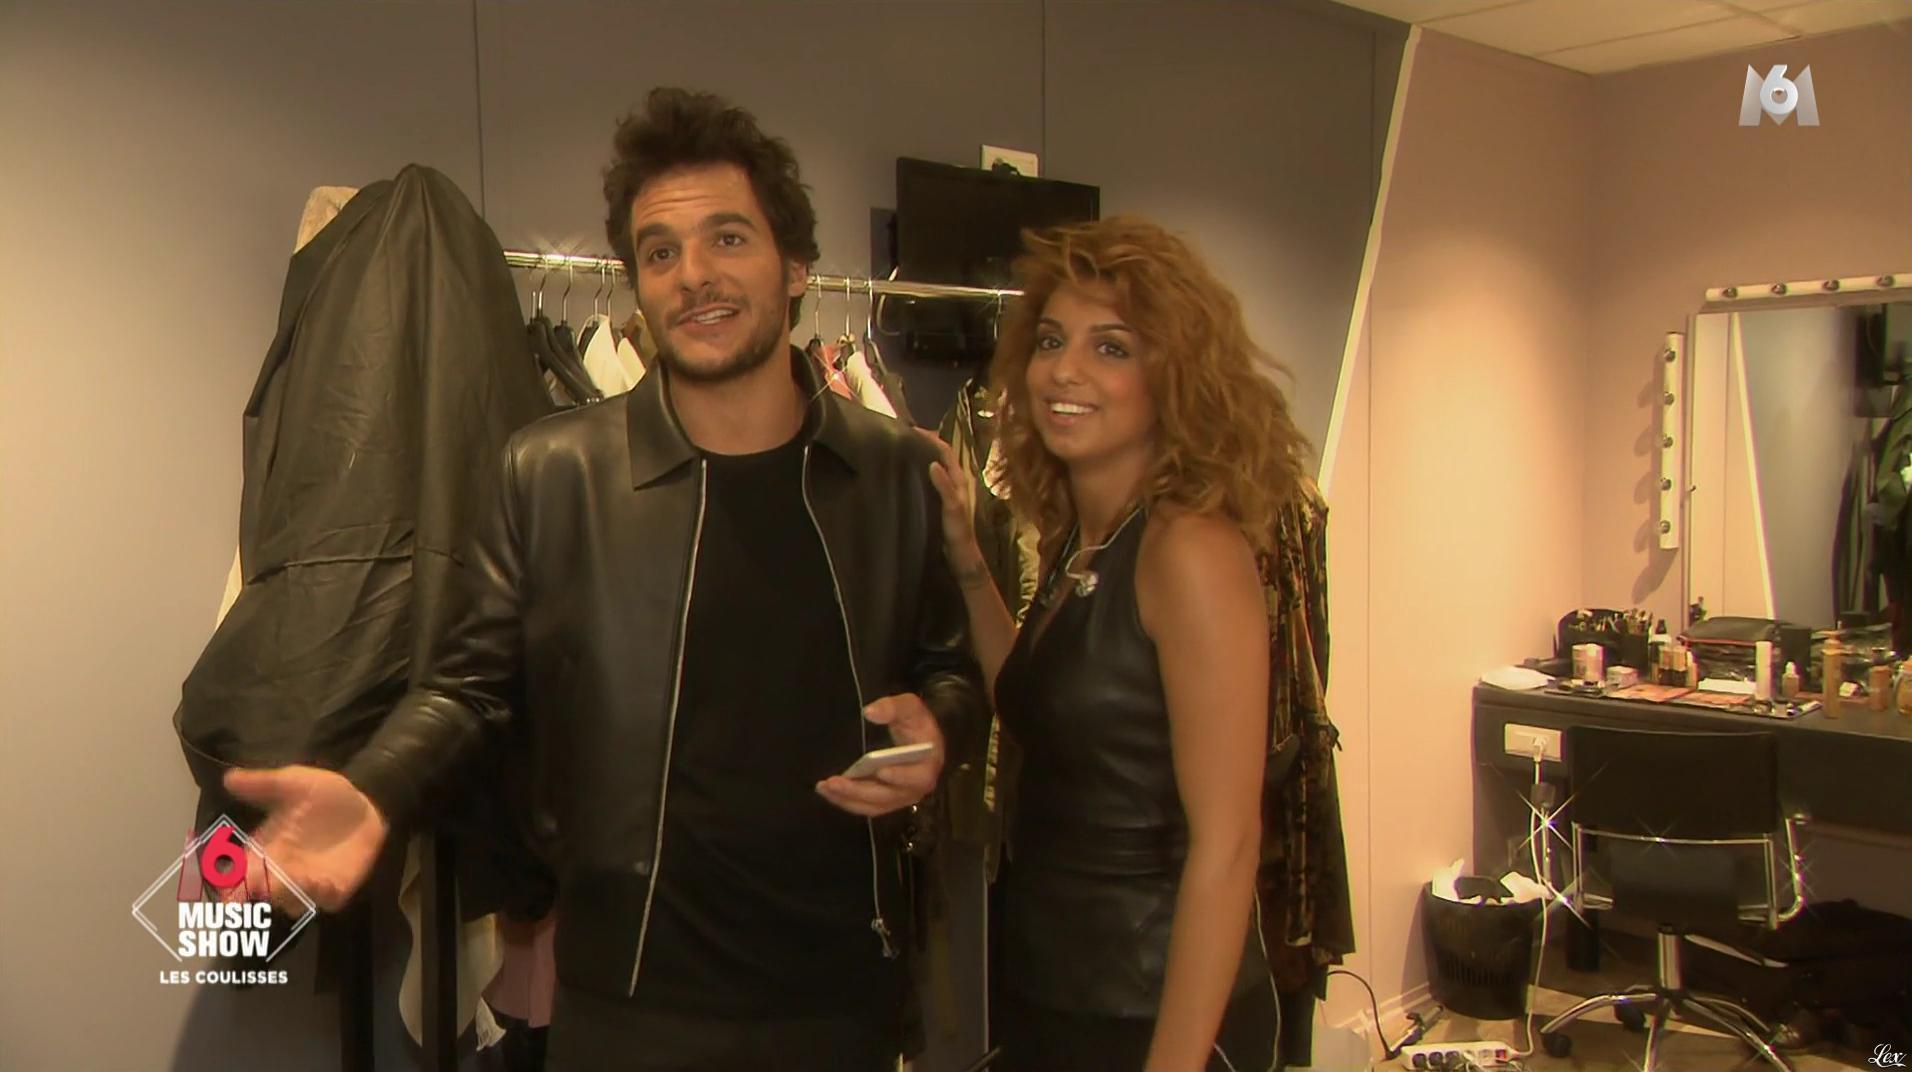 Tal dans les Coulisses du M6 Music Show. Diffusé à la télévision le 07/09/16.